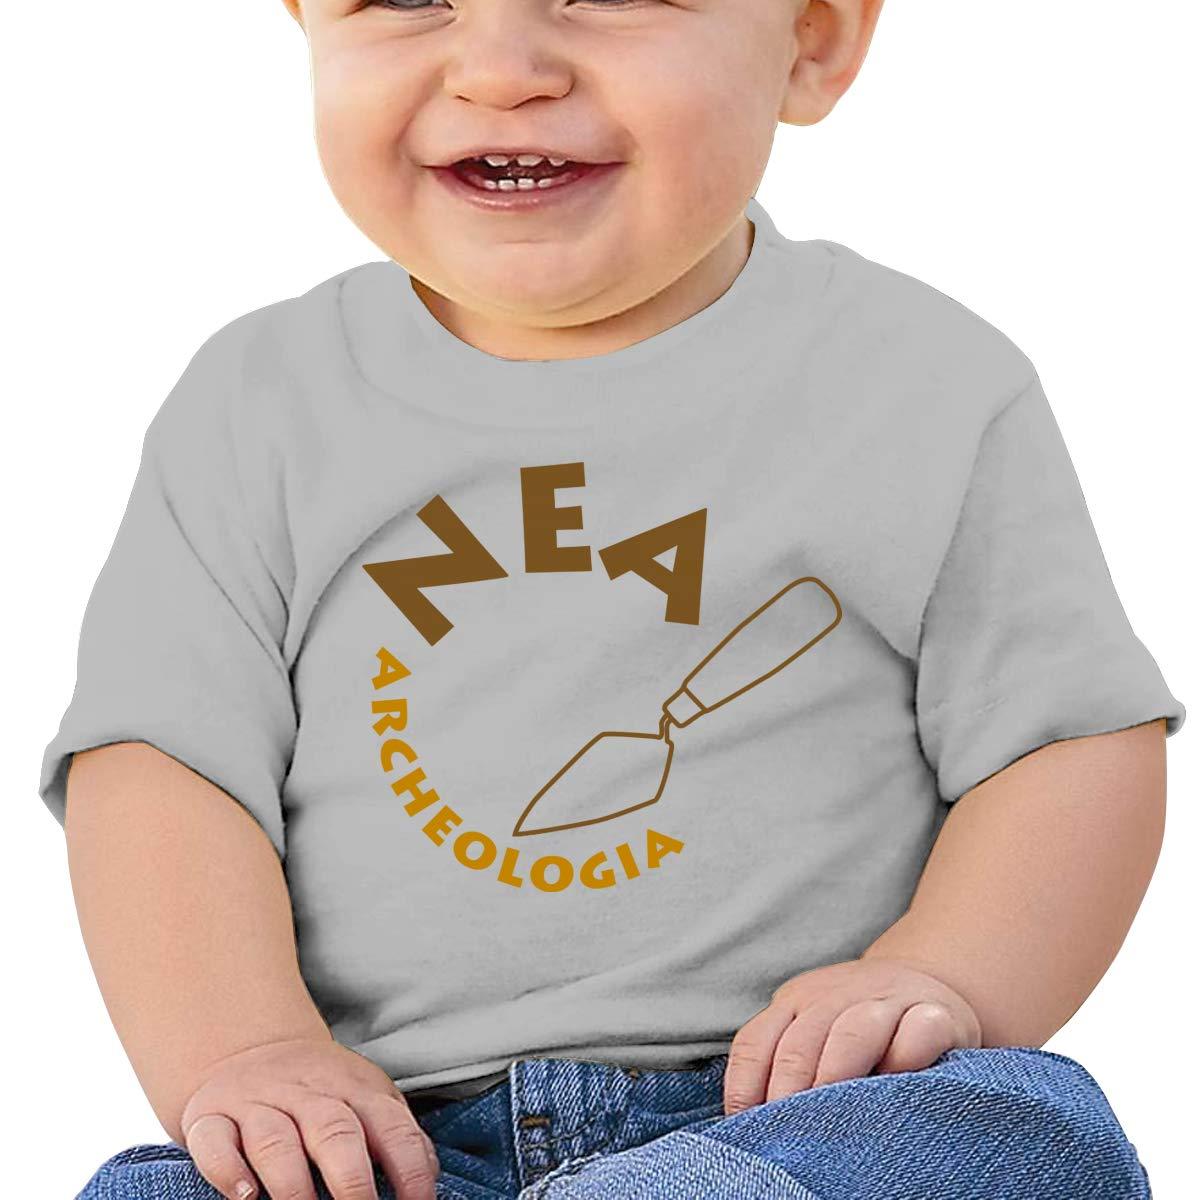 Hazhisha Bronzo Baby T-Shirt with Round Collar and Pure CottonGray